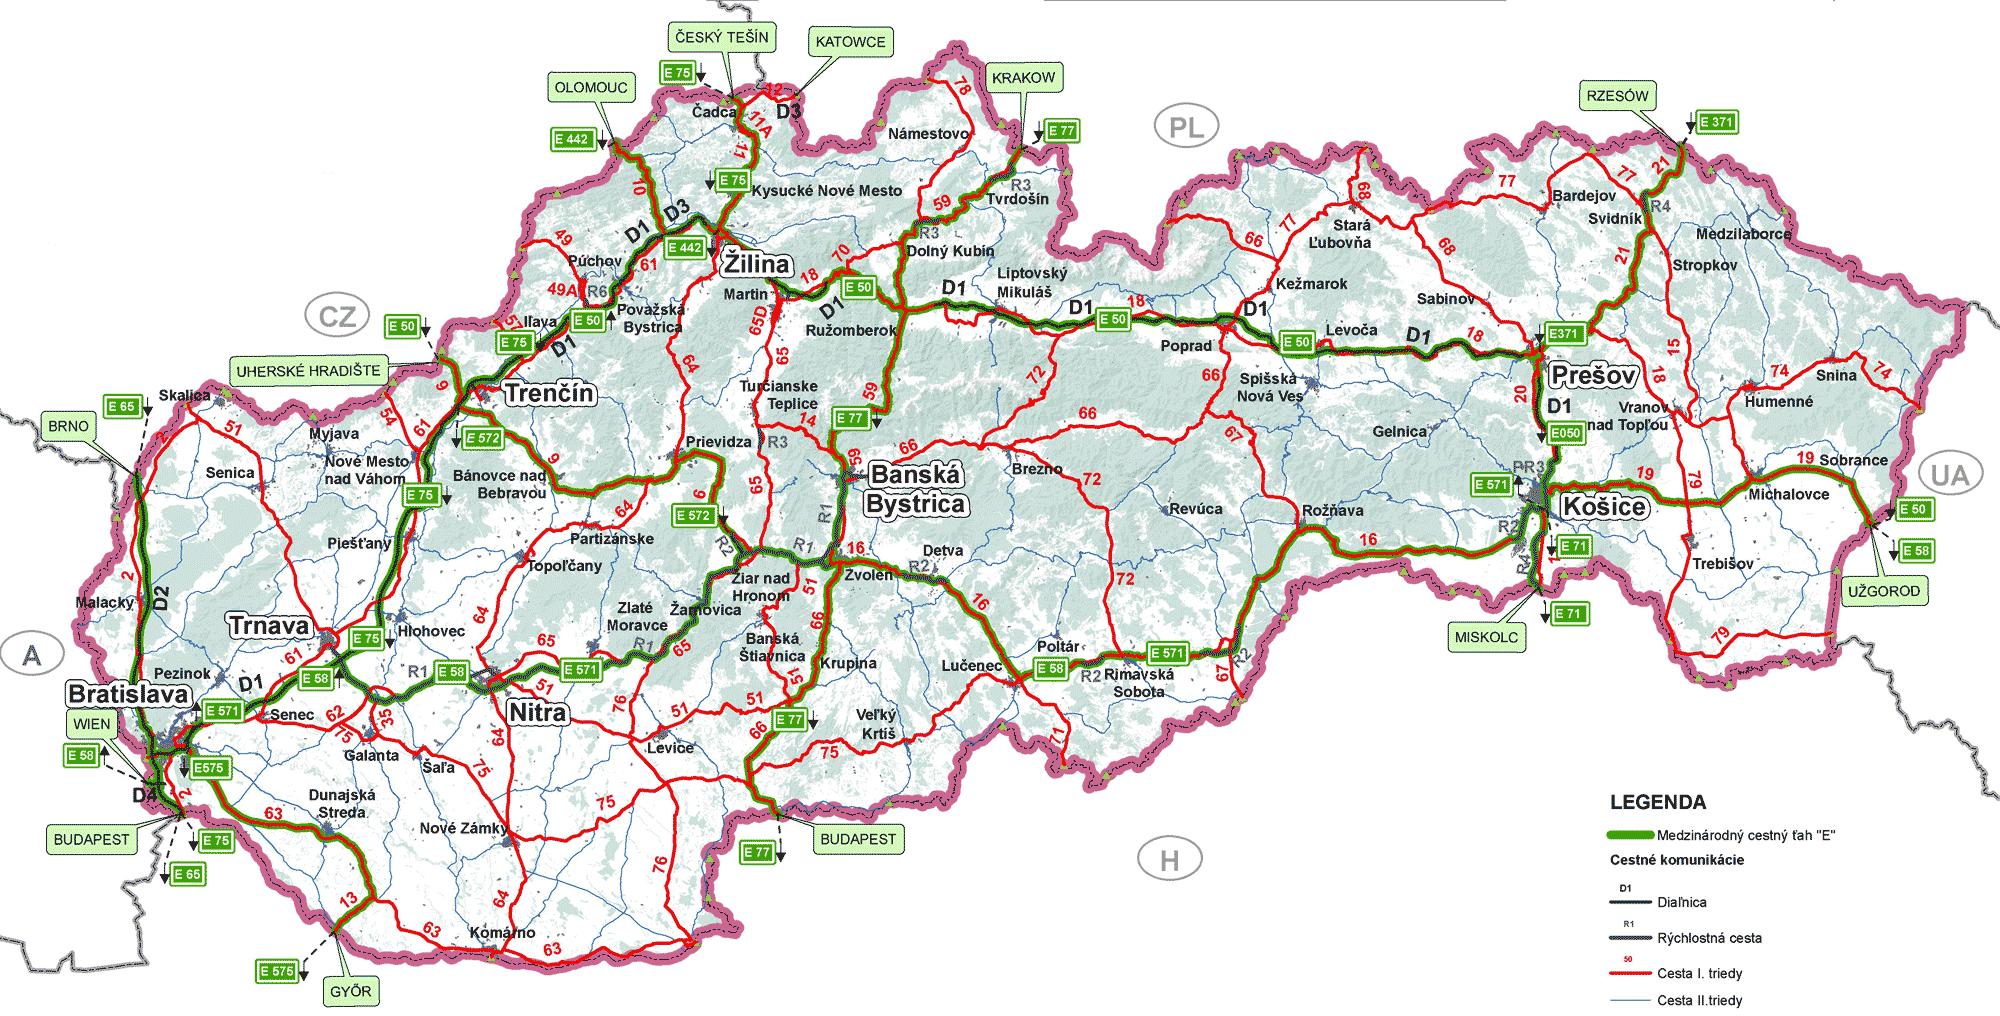 Карта платных дорог в словакии 2019 обучение английскому языку видео уроки с нуля бесплатно